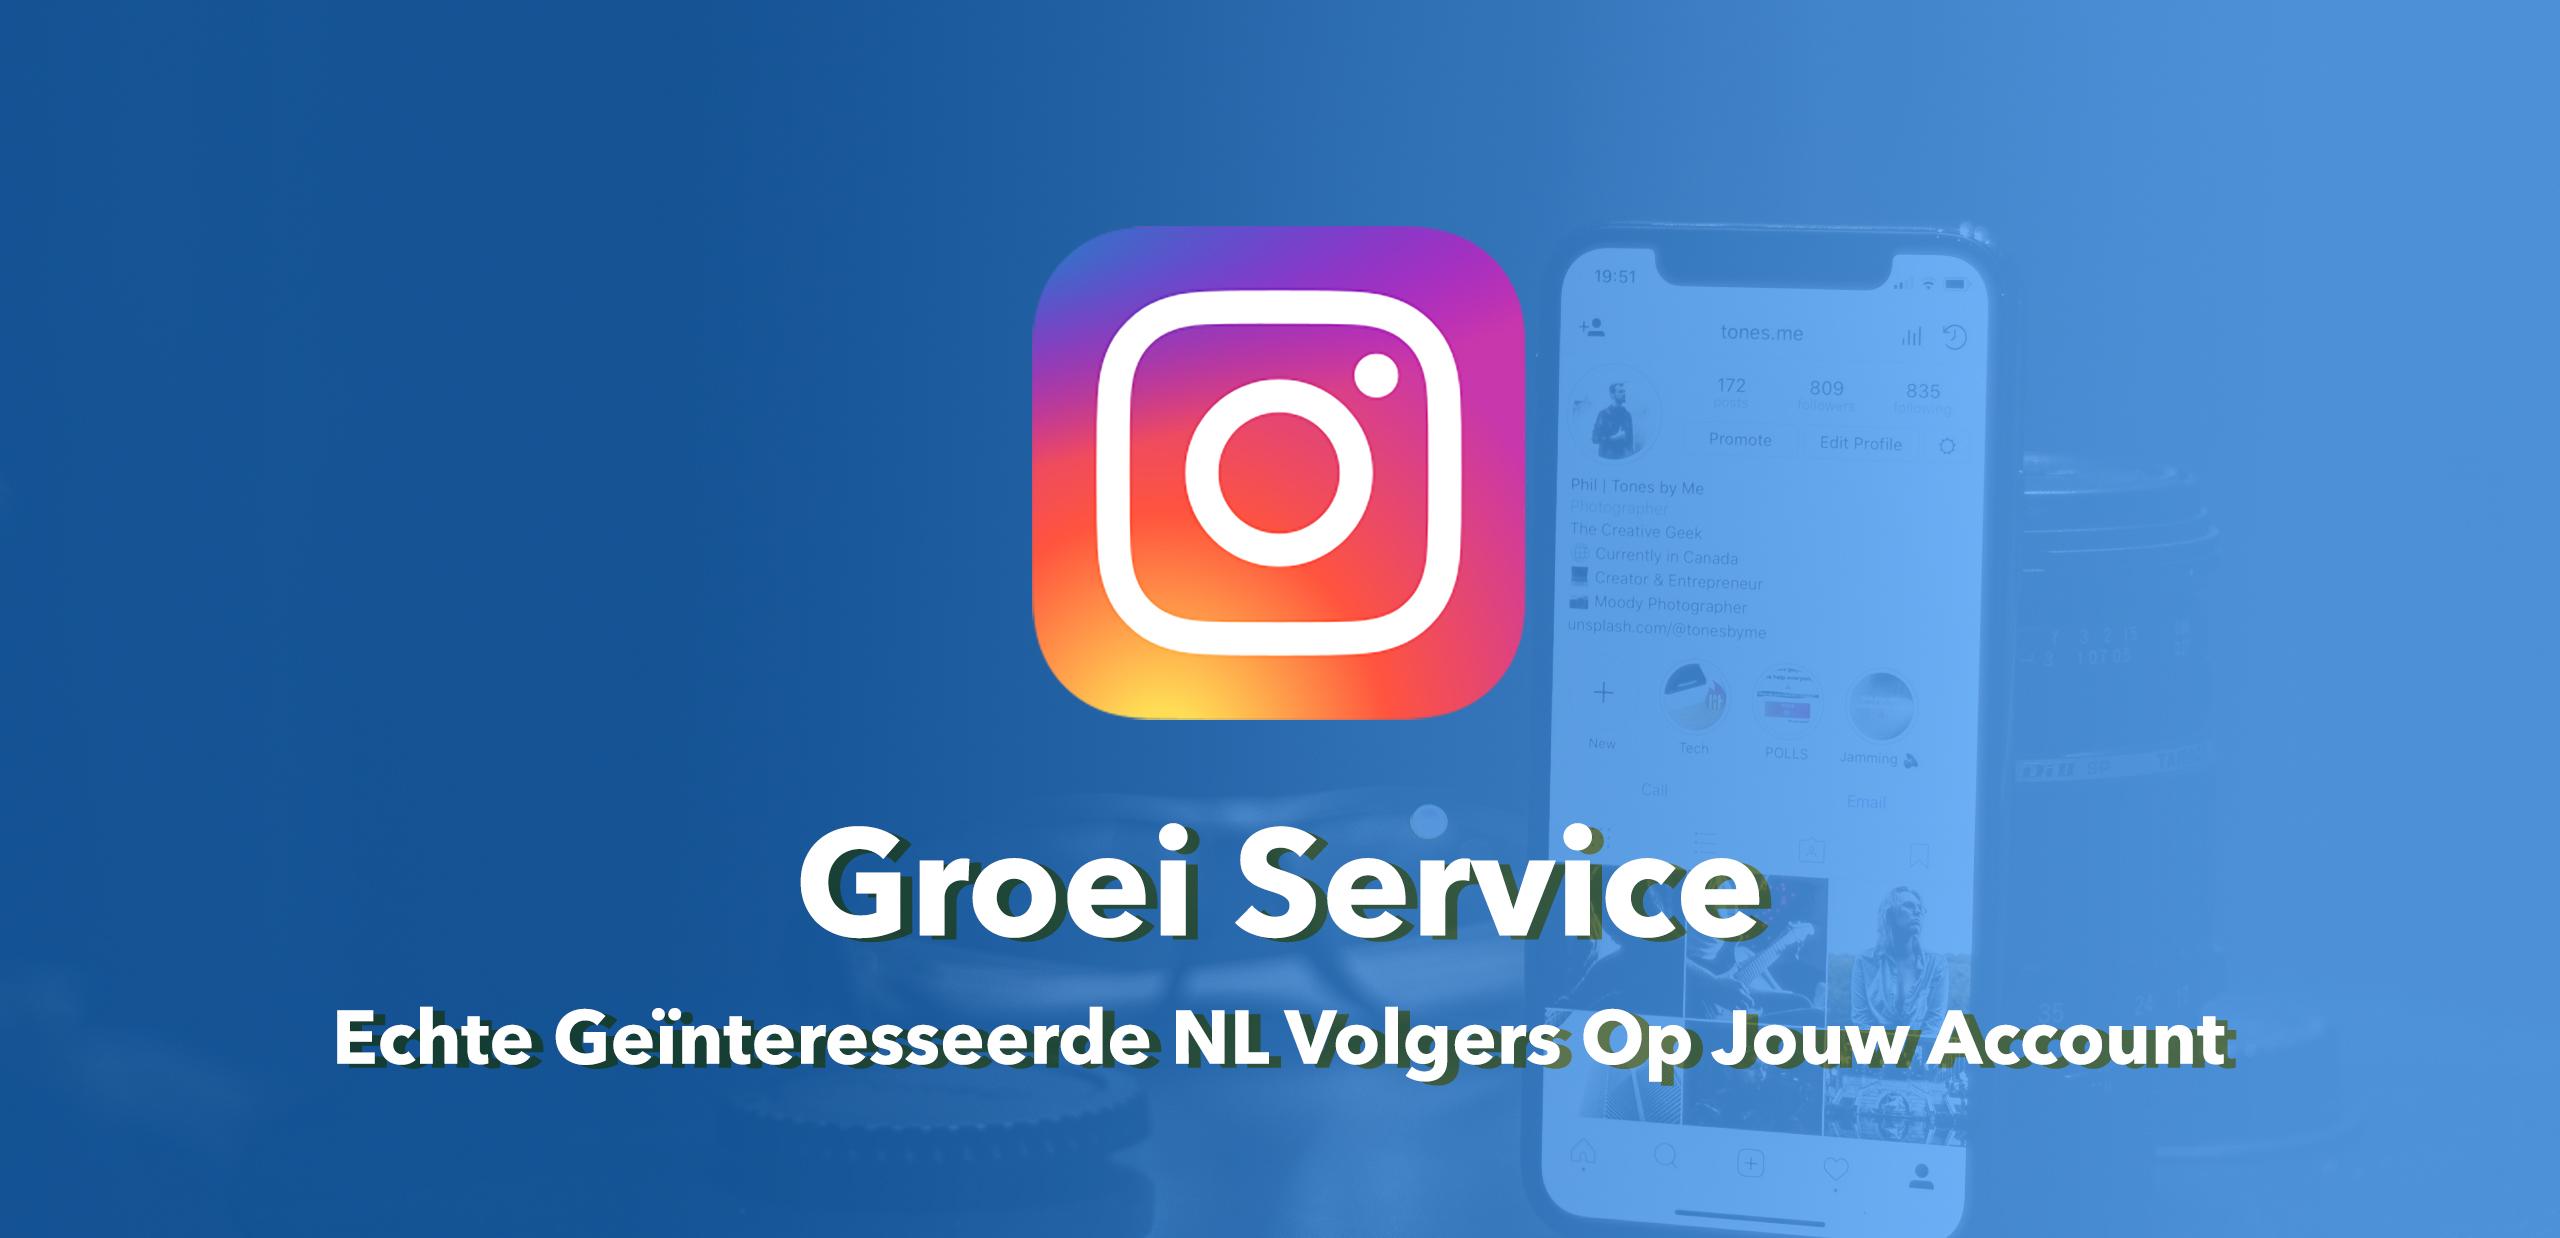 Echte NL Instagram Volgers K (Organisch)-groei-jpg